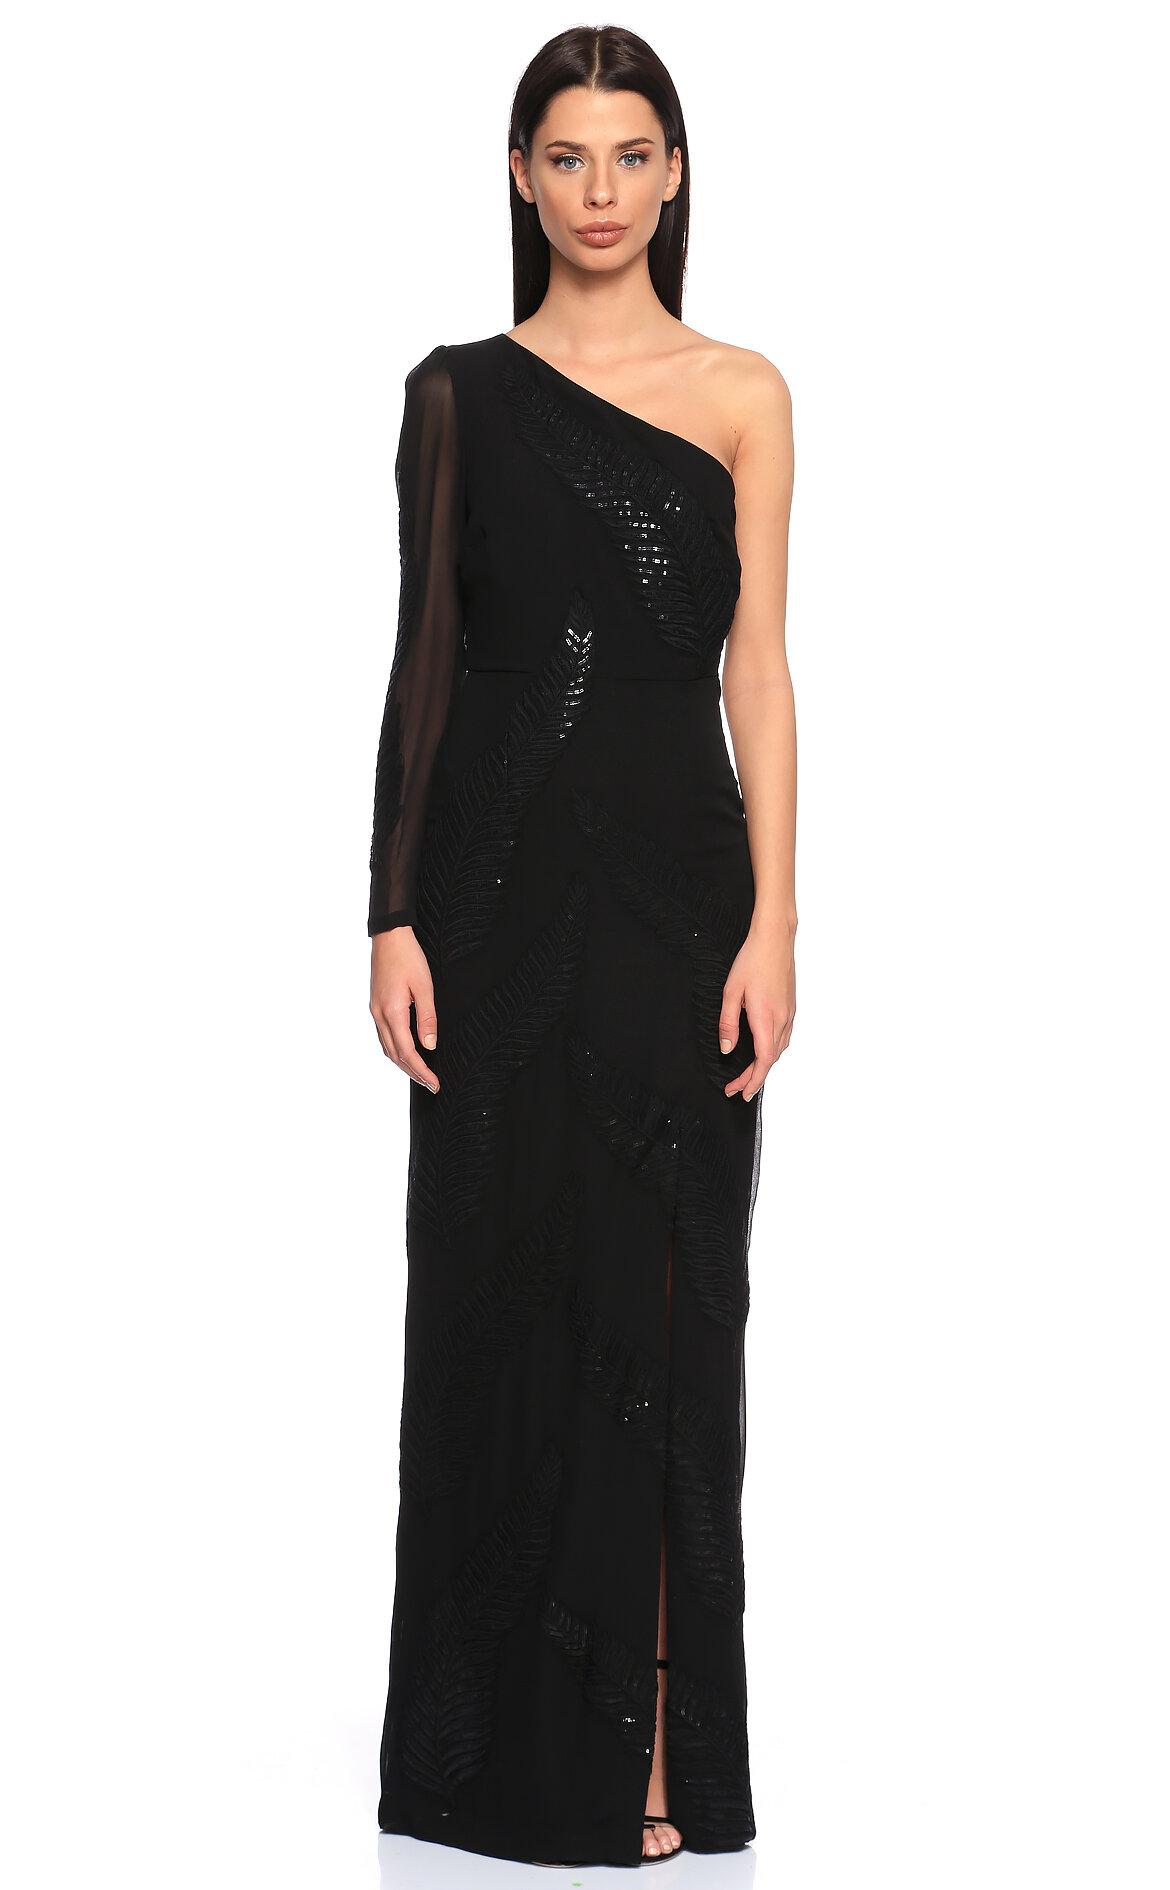 Nicole Miller-Nicole Miller İşleme Detaylı Siyah Uzun Gece Elbisesi